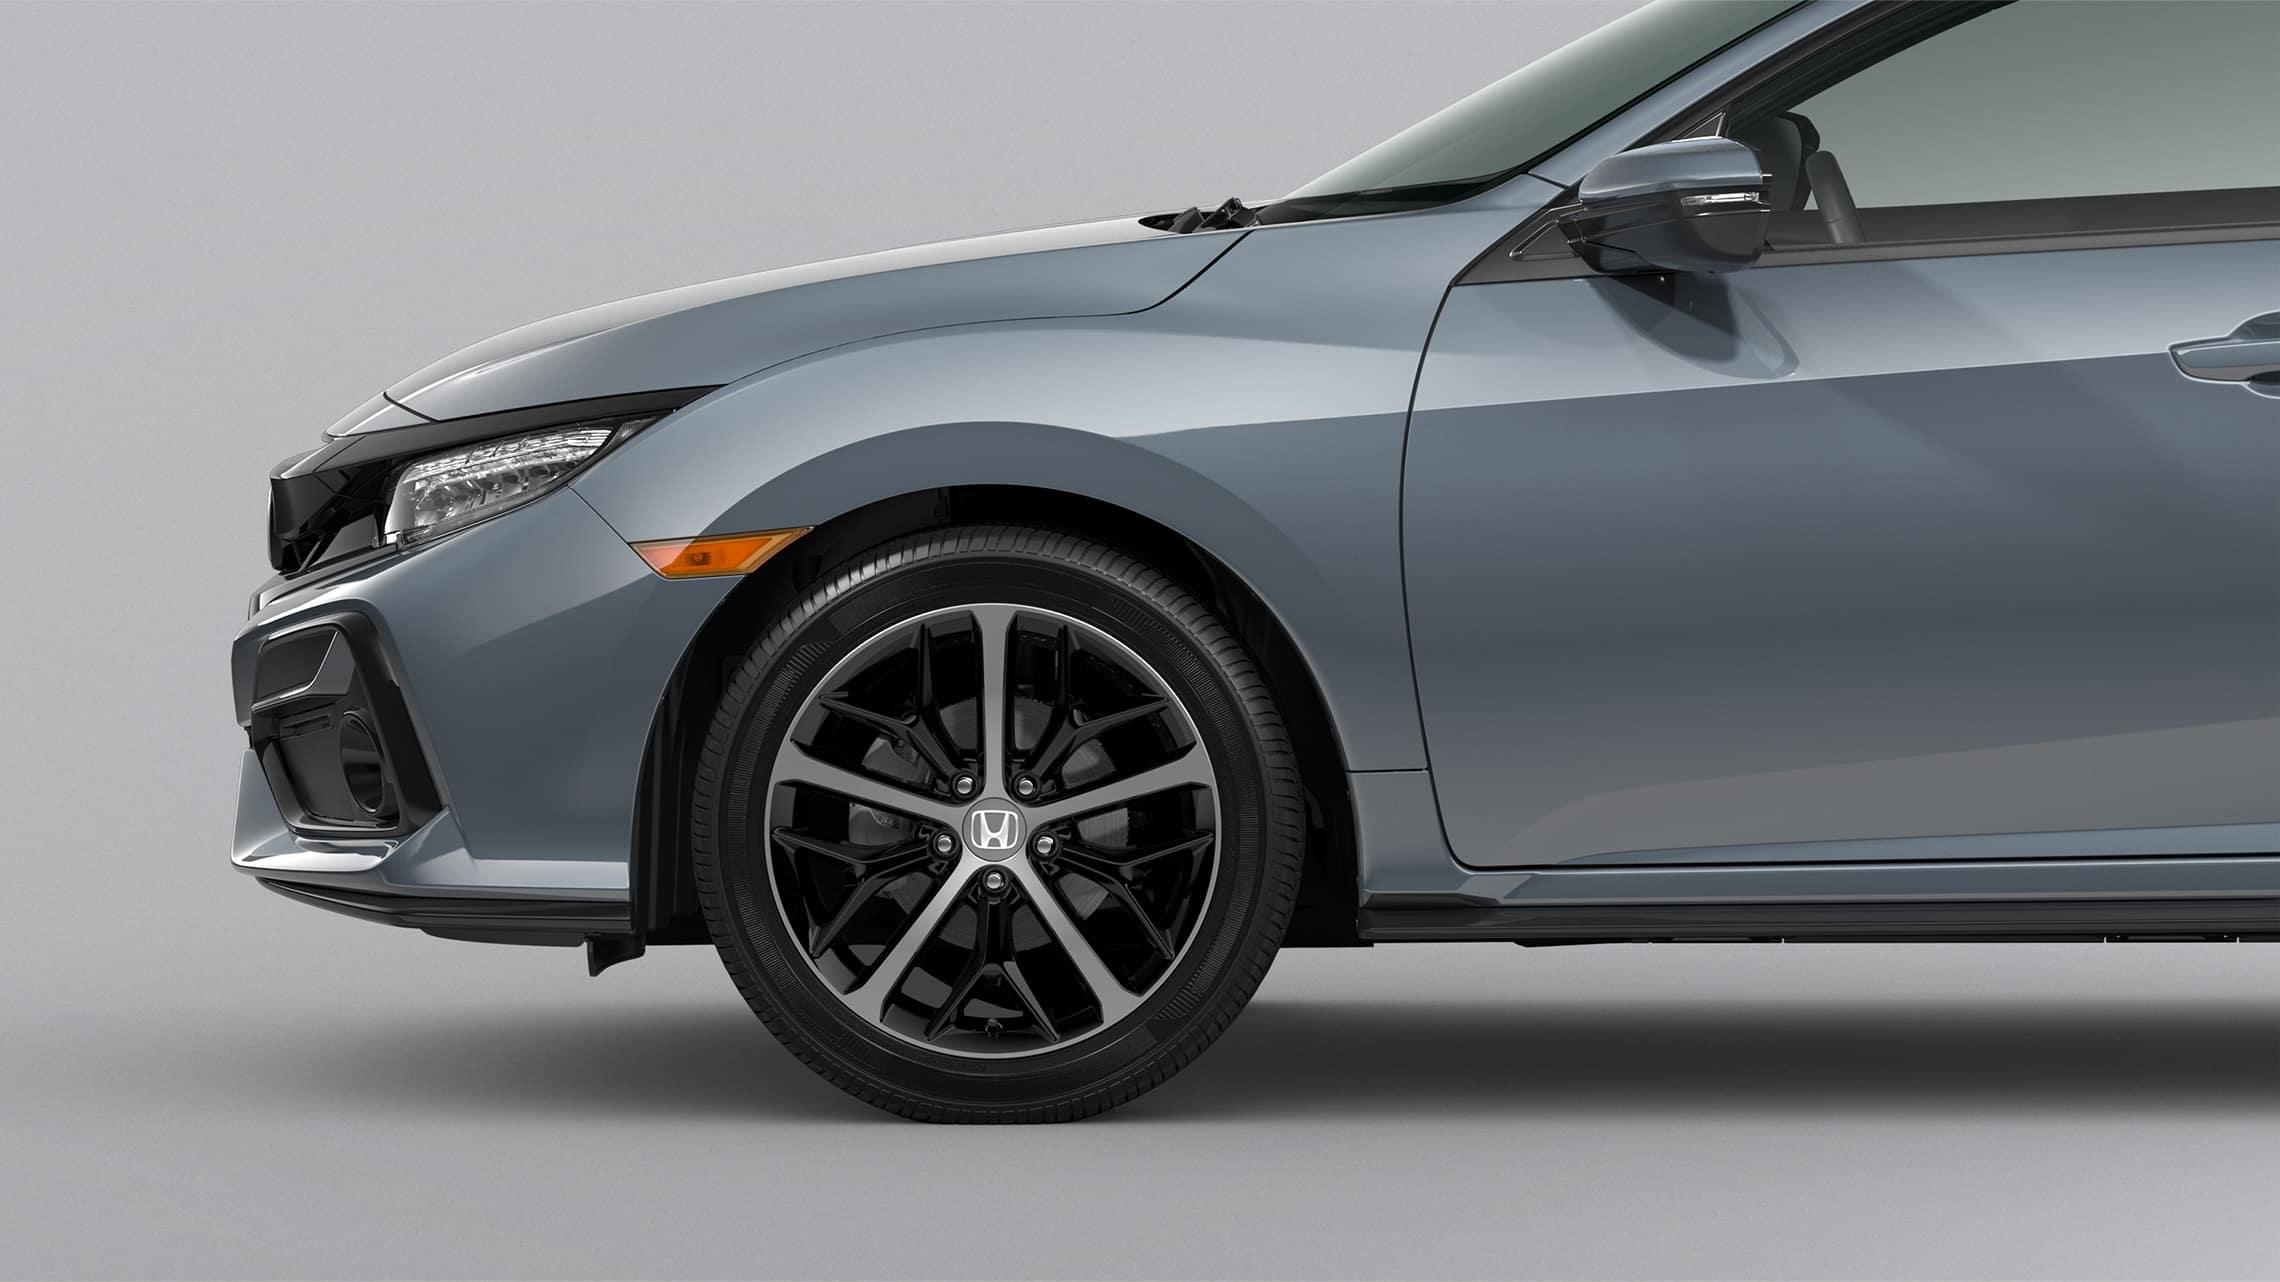 Detalle frontal de ruedas de aleación de 18pulgadas del lado del pasajero en el Honda Civic Sport Touring Hatchback2020 en Sonic Gray Pearl.